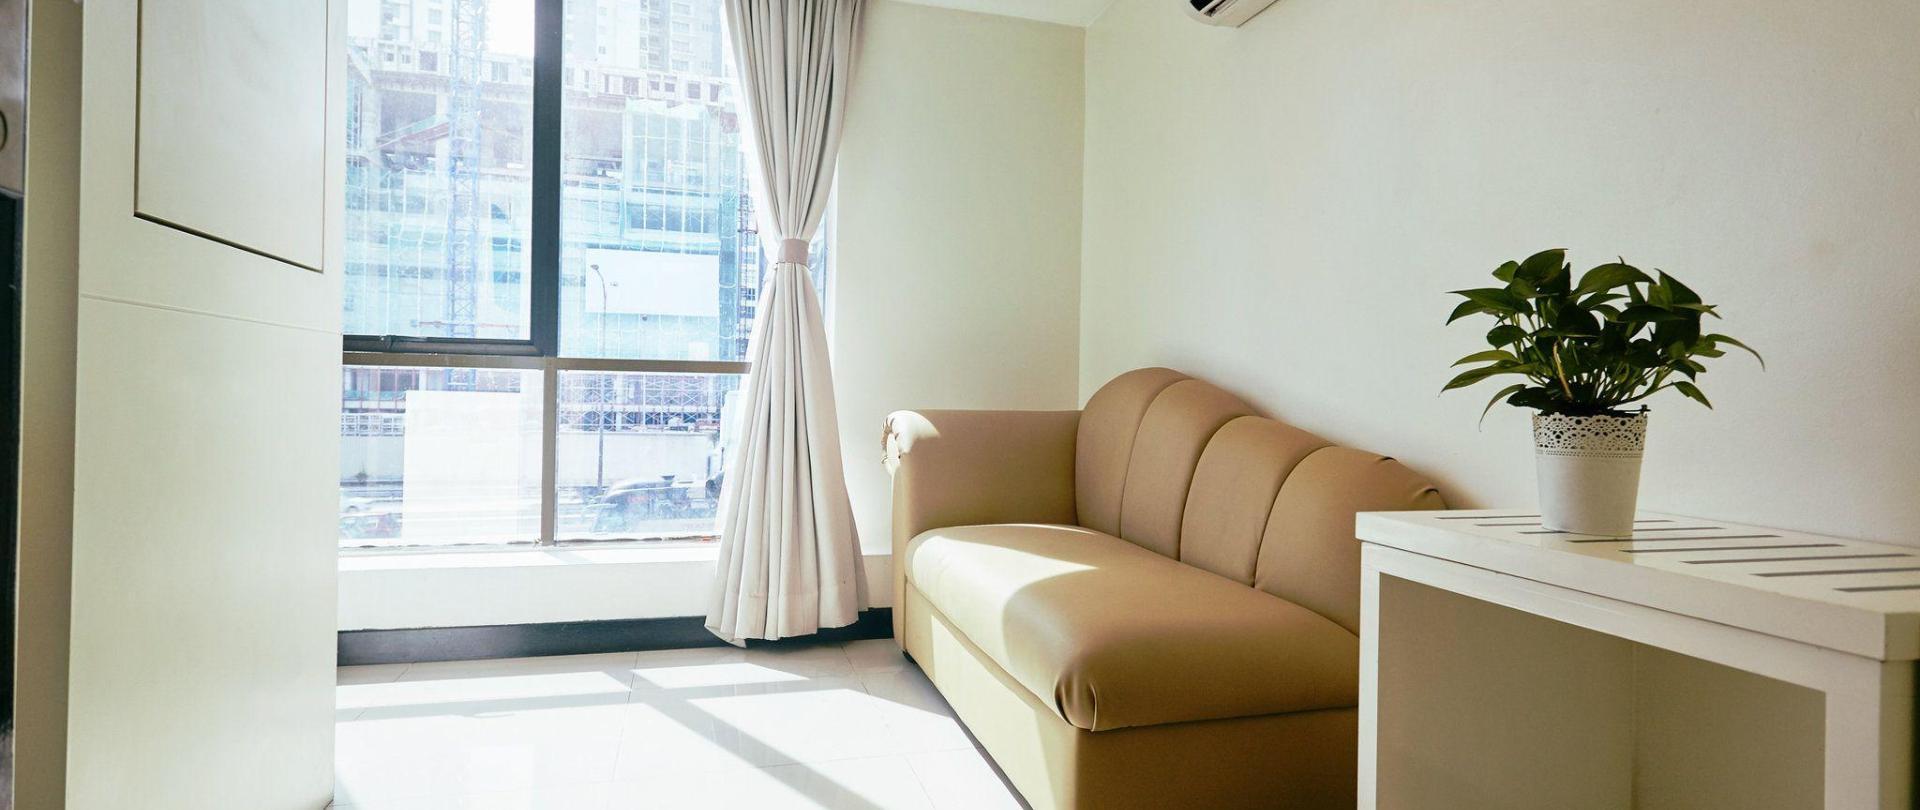 deluxe-suites-2.jpg